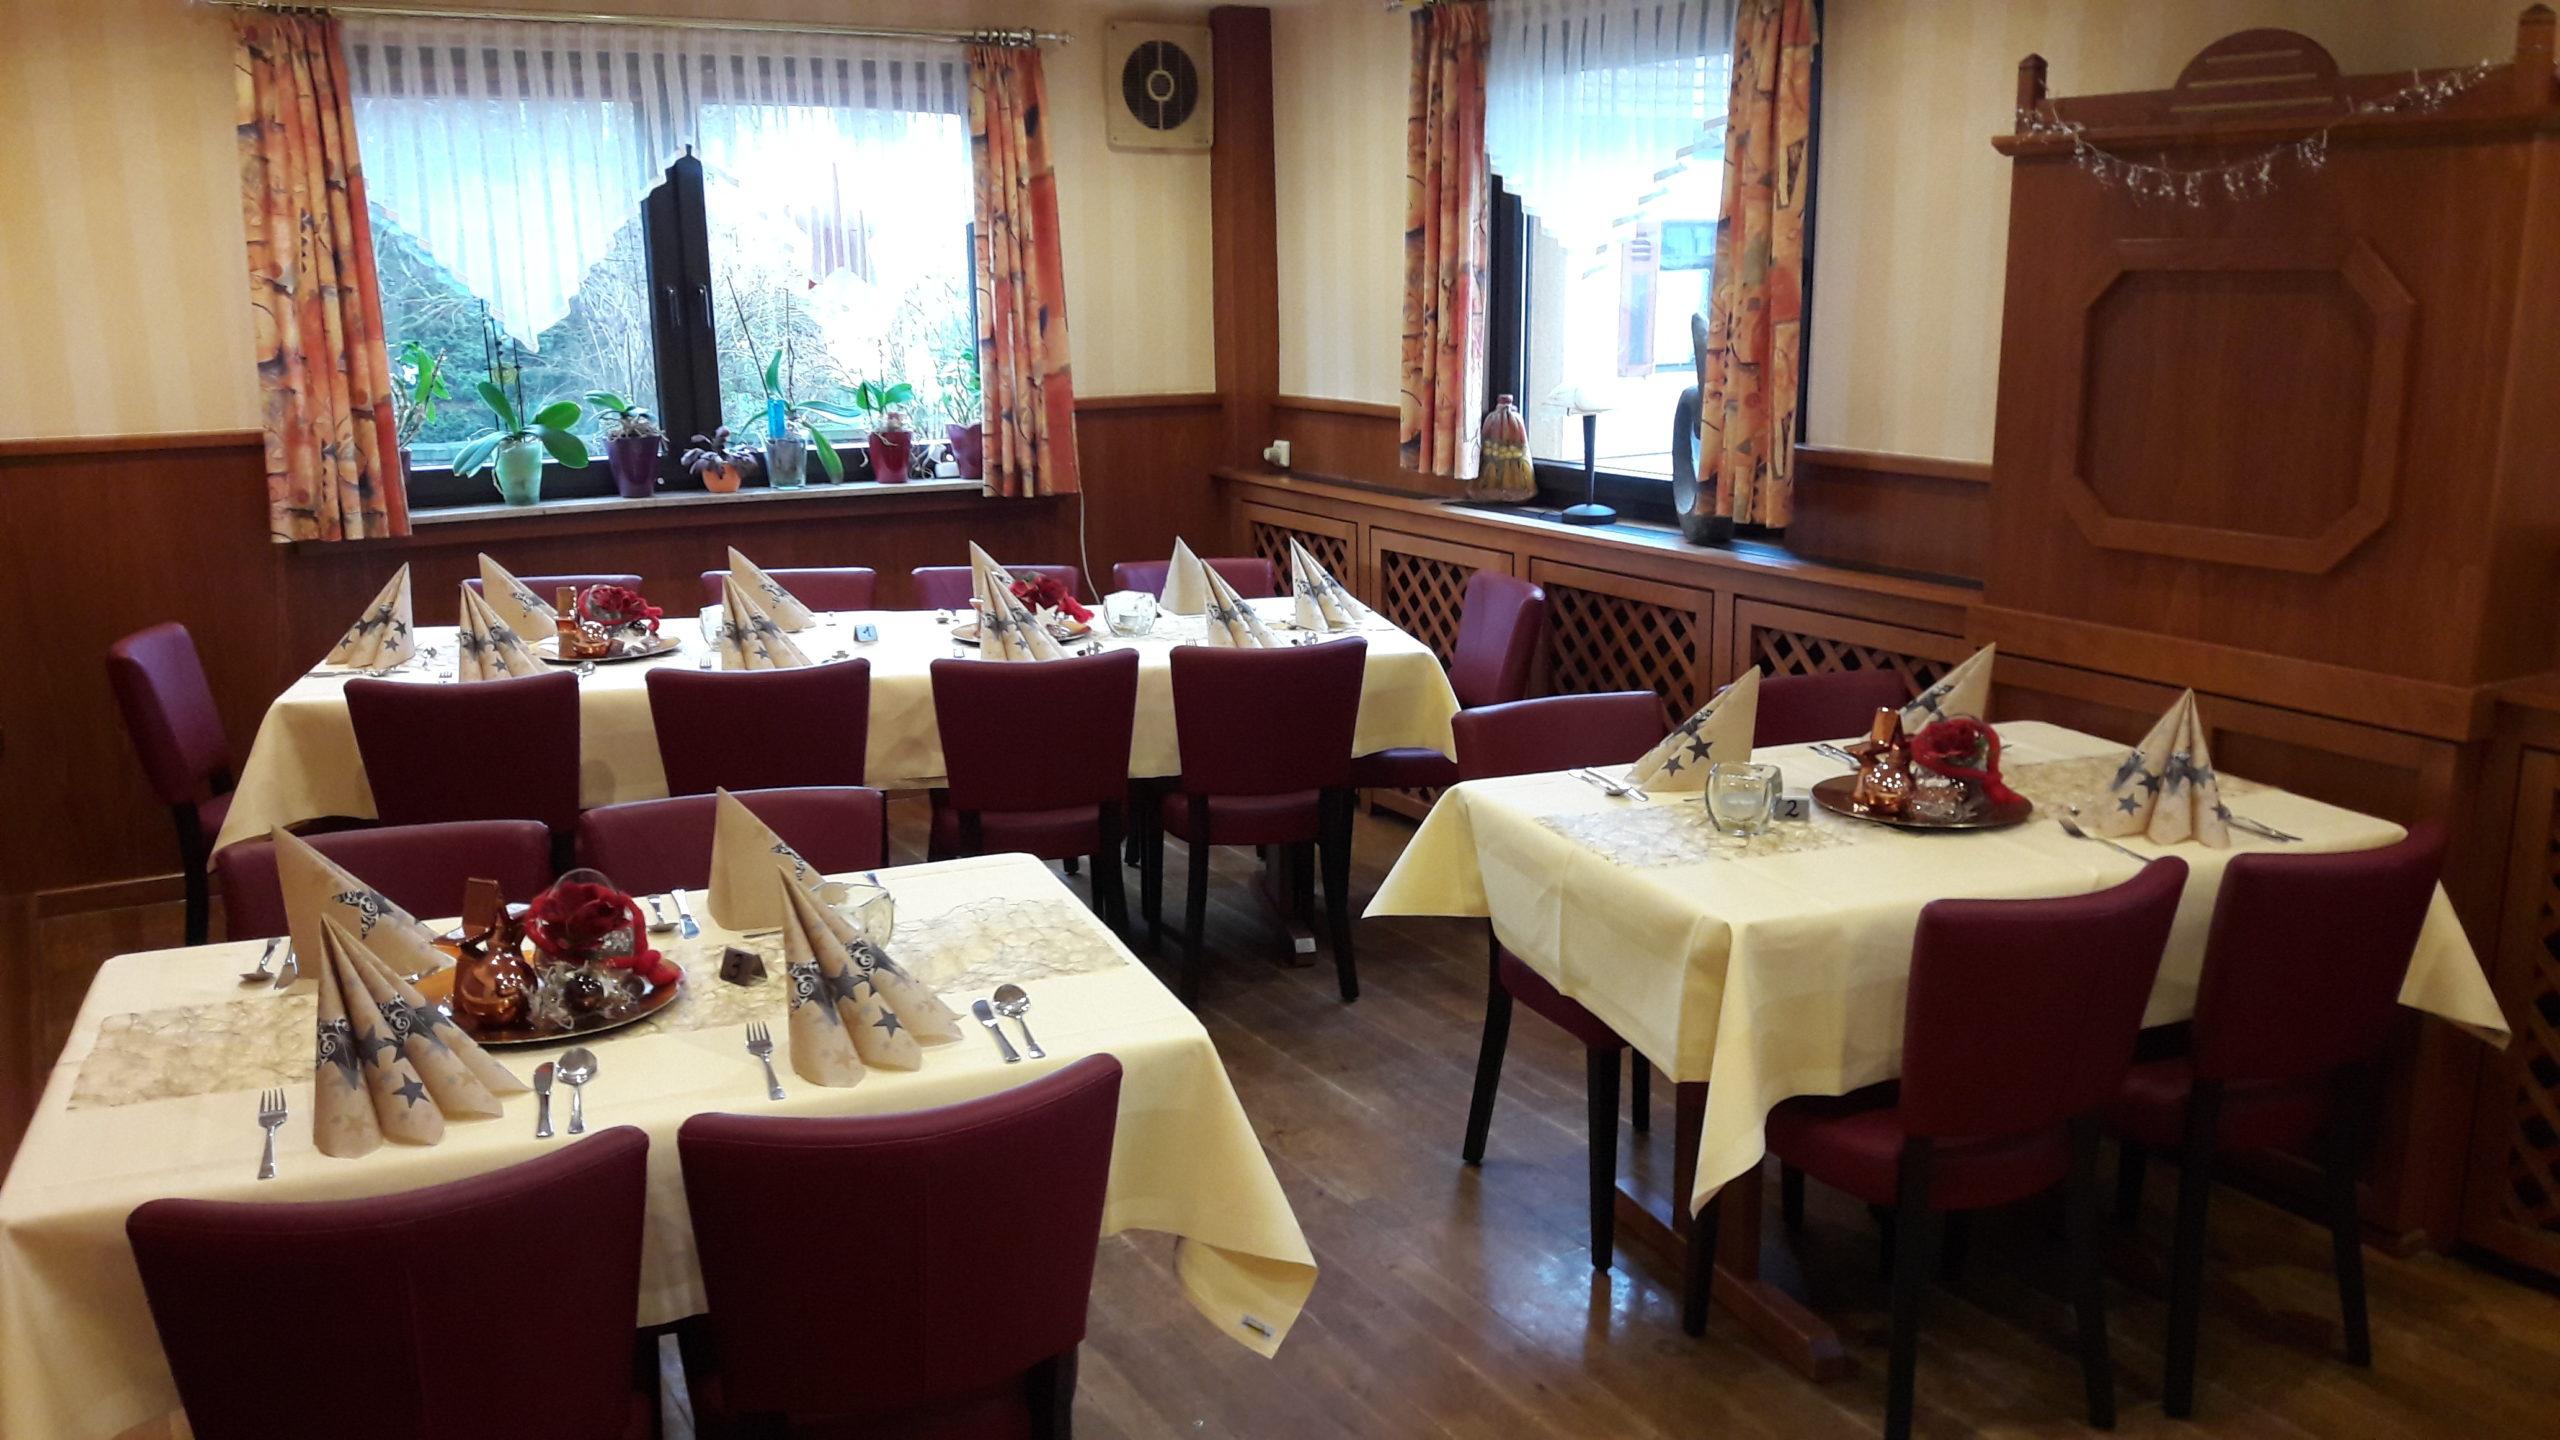 Zum Burghof Romrod Restaurant Hinten Alternative Dekoration